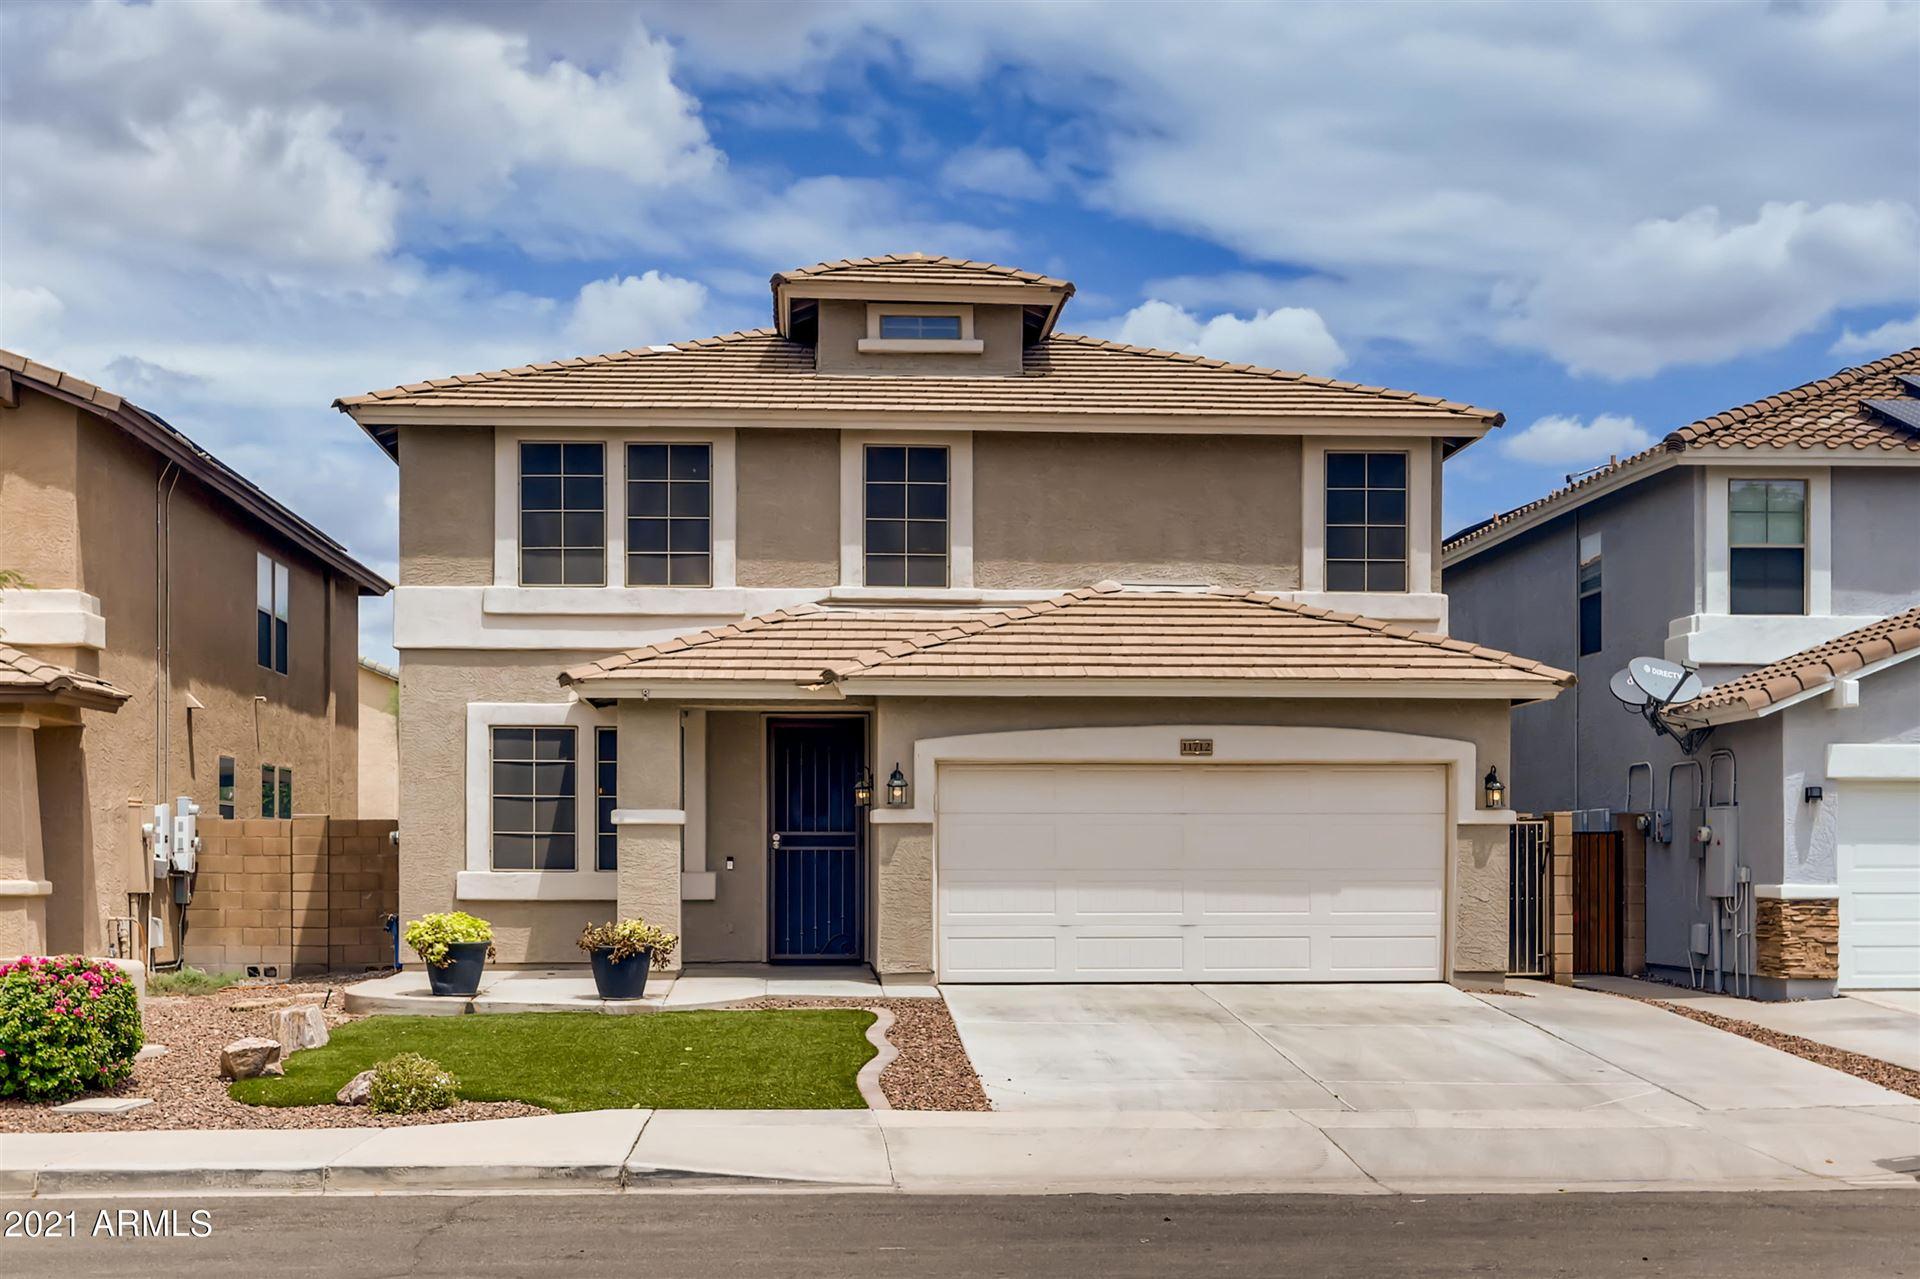 11712 W FOOTHILL Court, Sun City, AZ 85373 - MLS#: 6277459